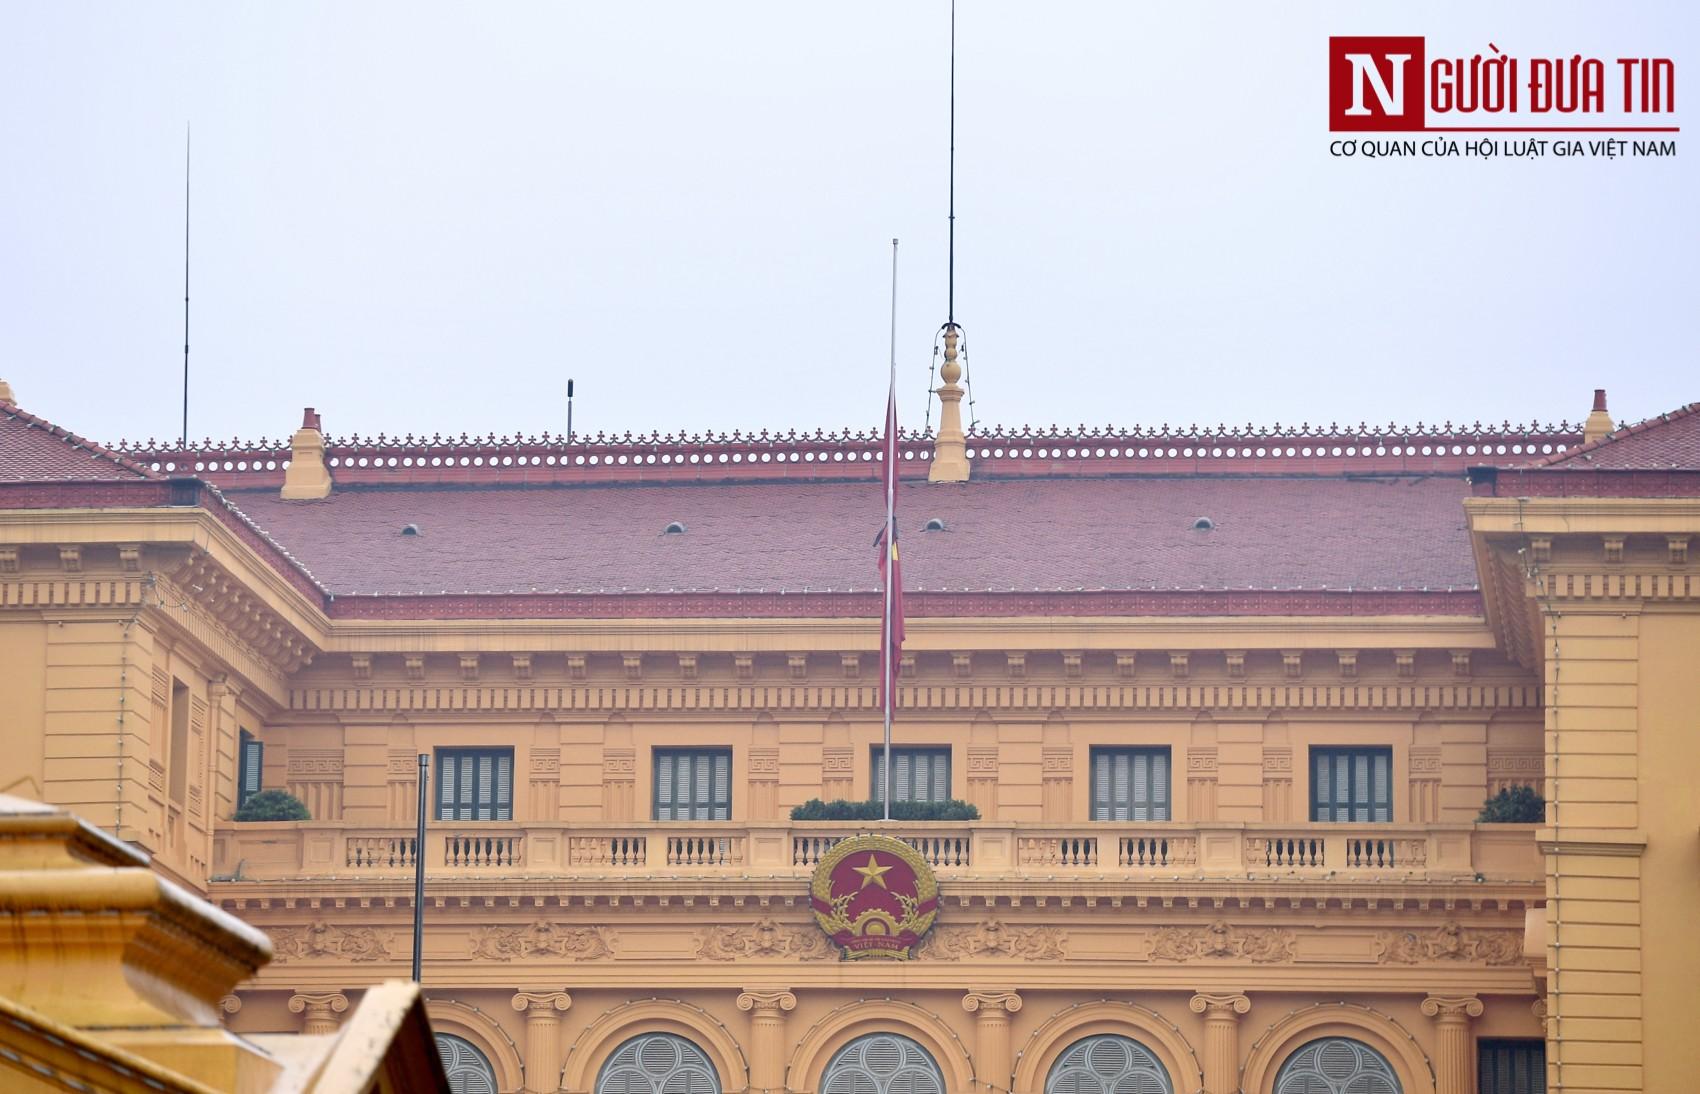 [Chùm ảnh] Các cơ quan, công sở đồng loạt treo cờ rủ Quốc tang Nguyên Chủ tịch nước Lê Đức Anh - Ảnh 4